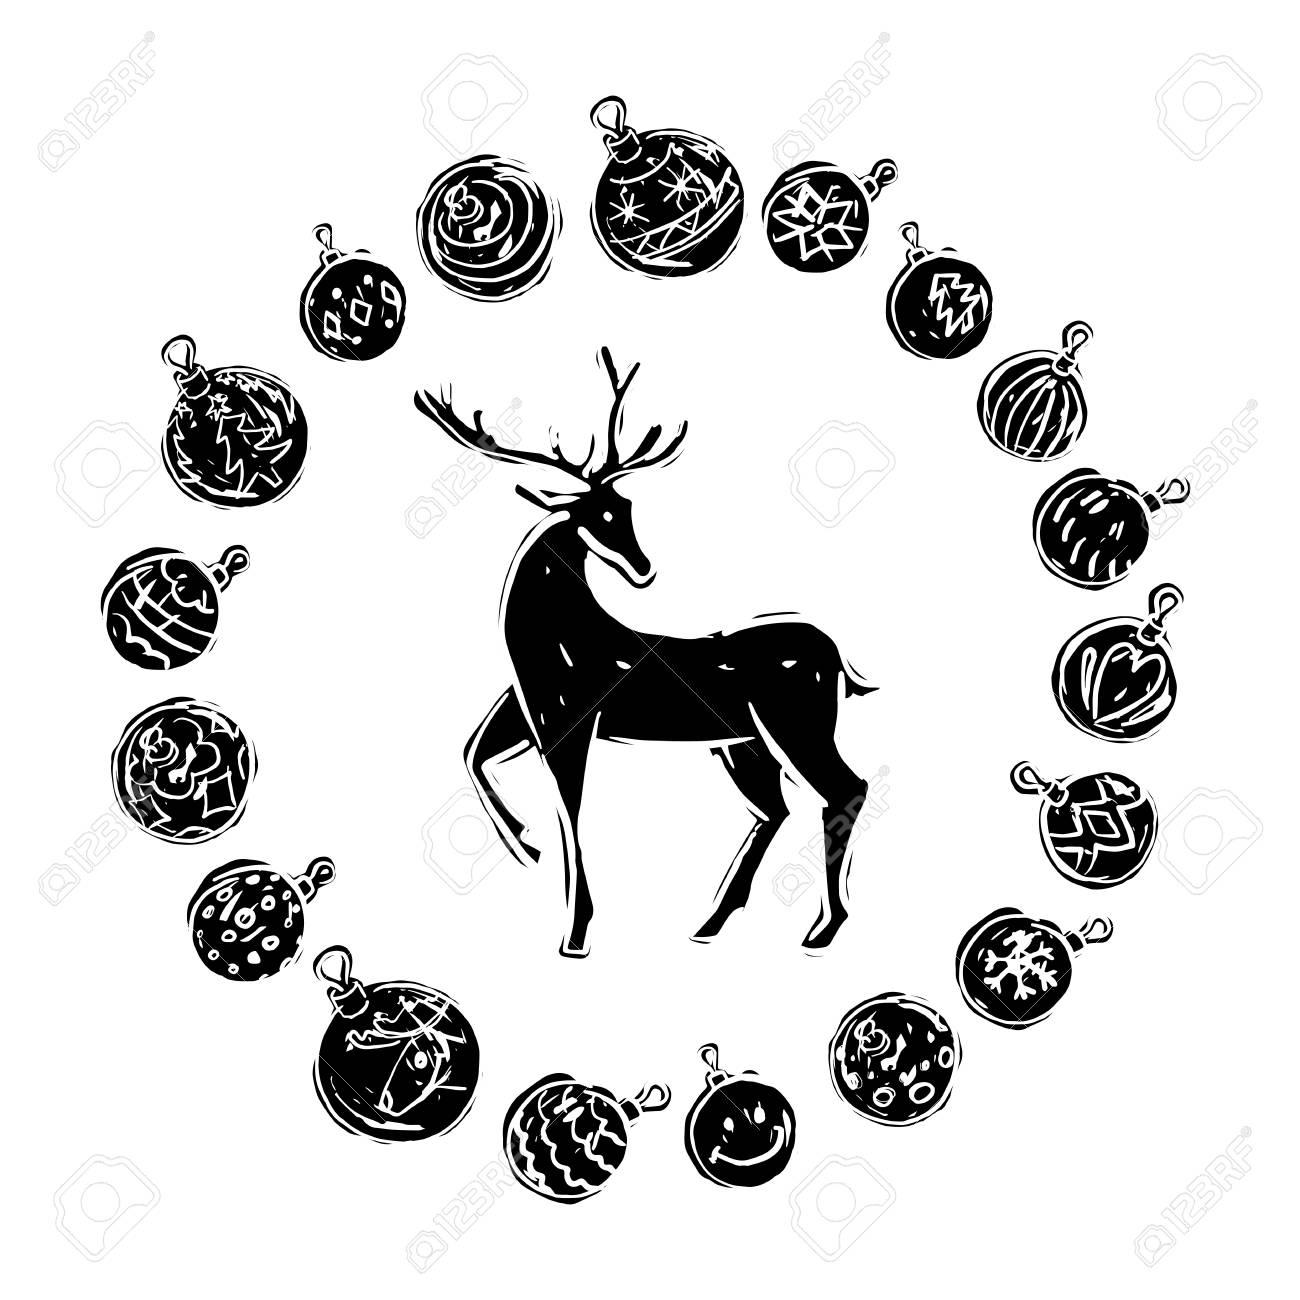 Décorations De Noël Avec Rennes Noir Et Blanc Sur Fond Blanc